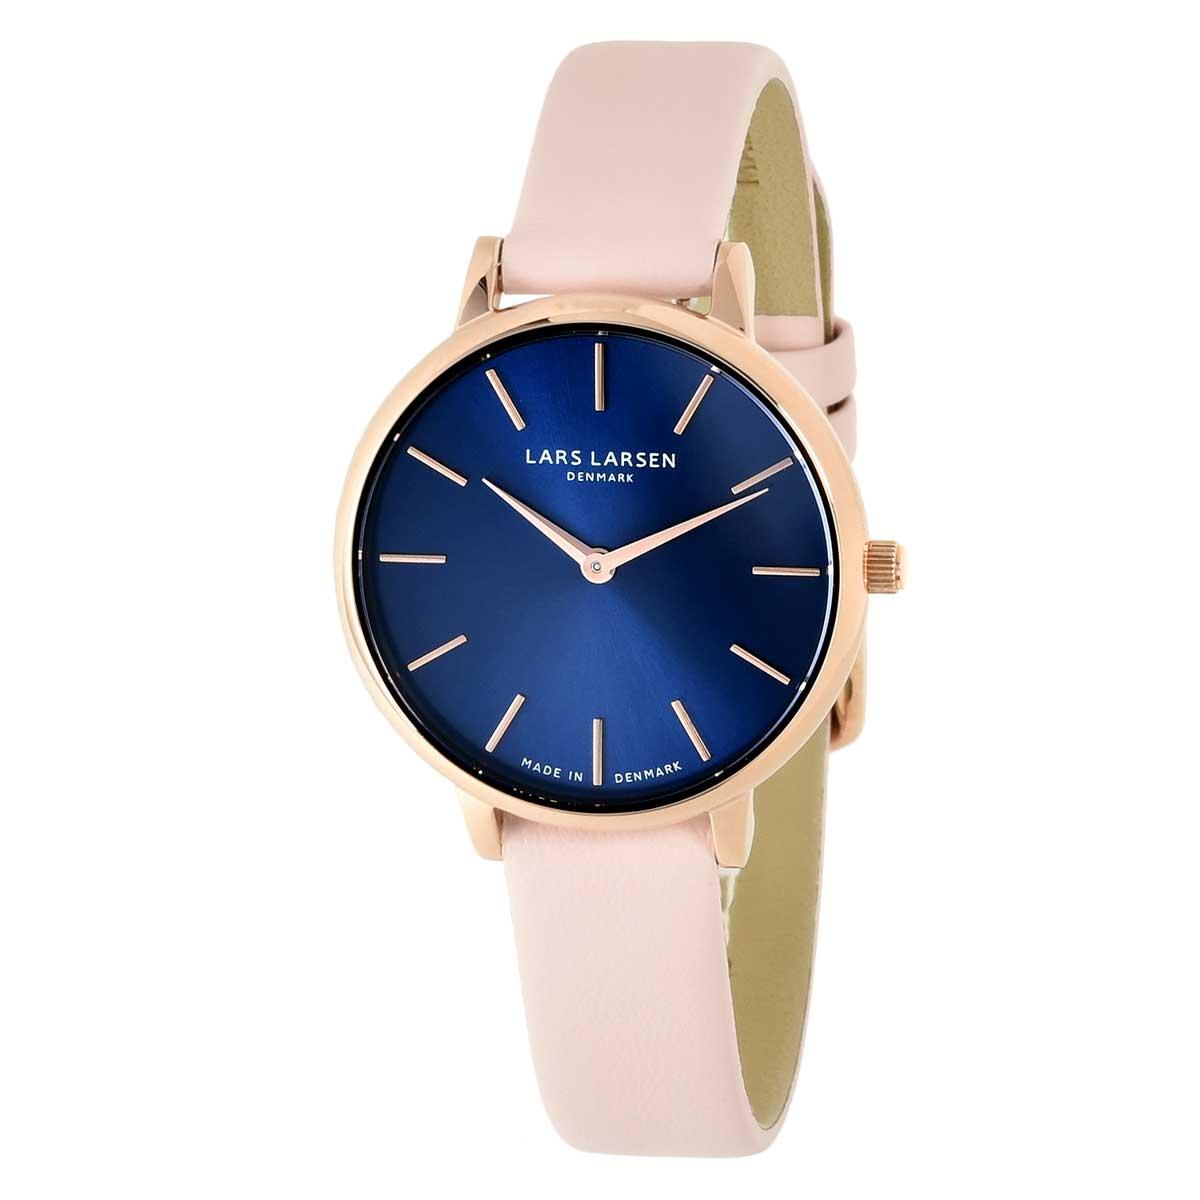 LARS LARSEN ラースラーセン (LLARSEN エルラーセン) 電池式クォーツ 腕時計 [WH146RD-RPL12] 並行輸入品